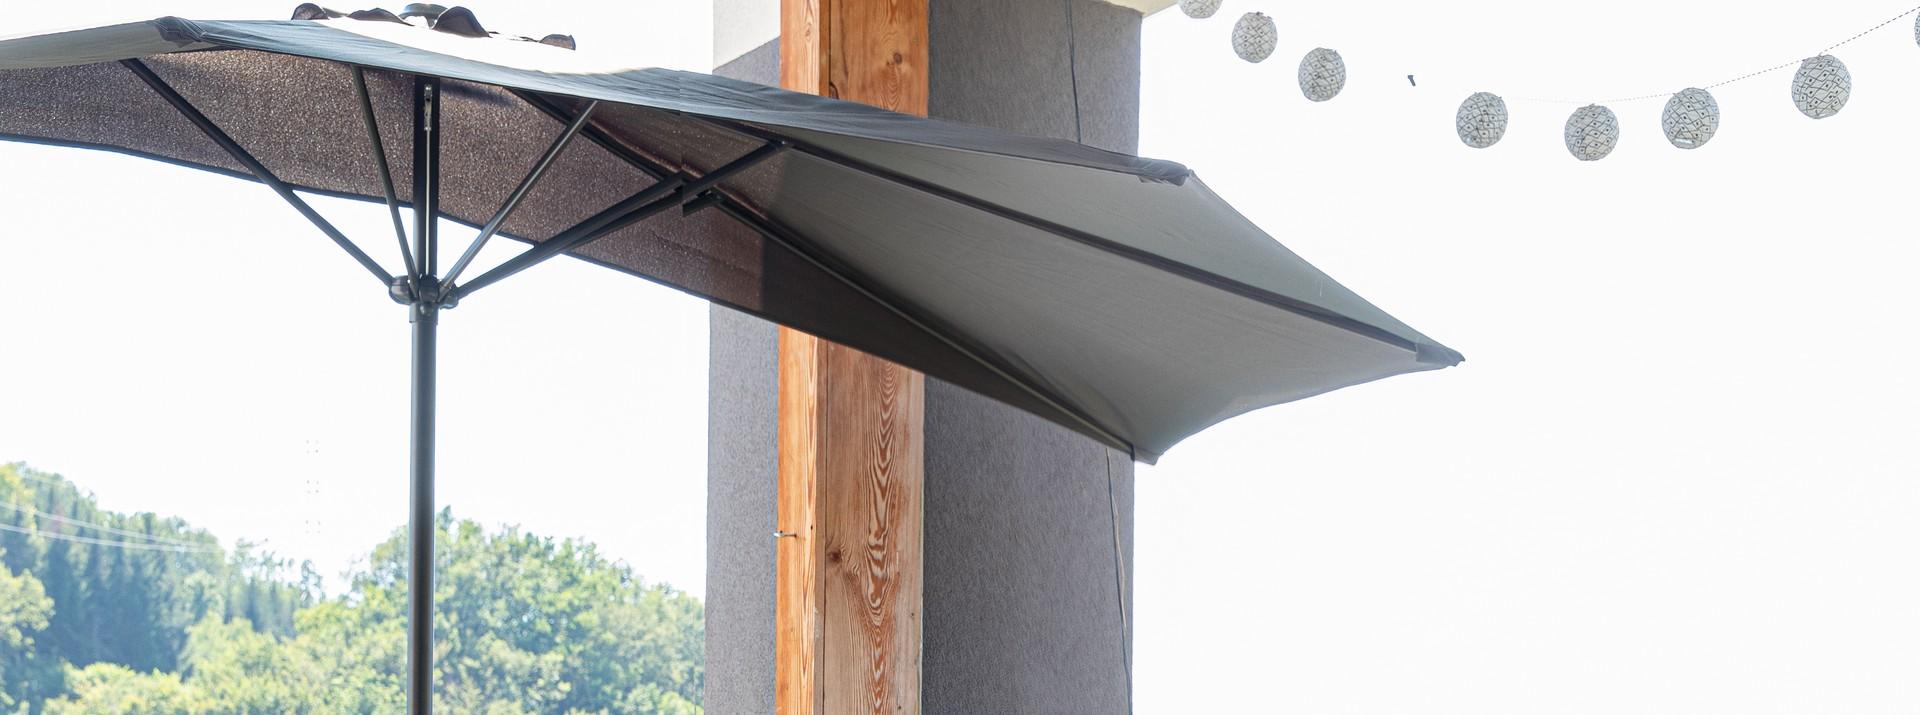 Housses de protection pour parasols et accessoires